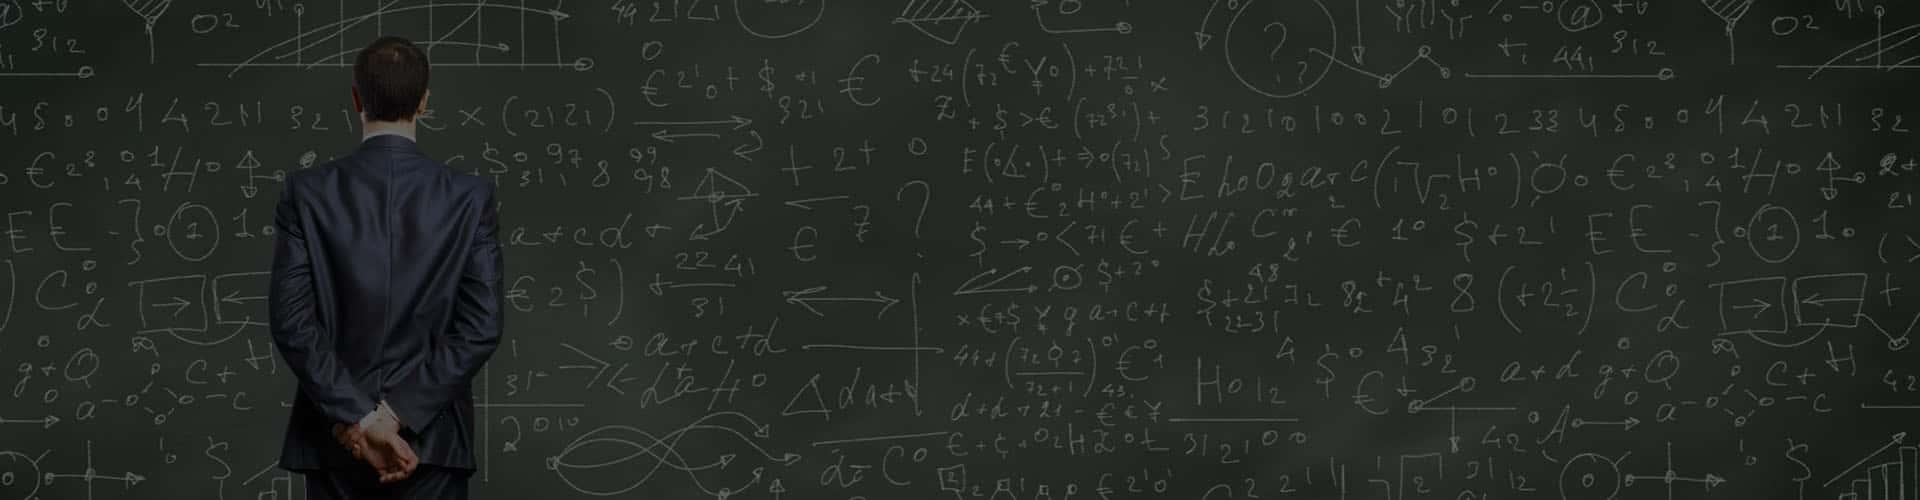 Человек в костюме изучает формулы и графики на доске